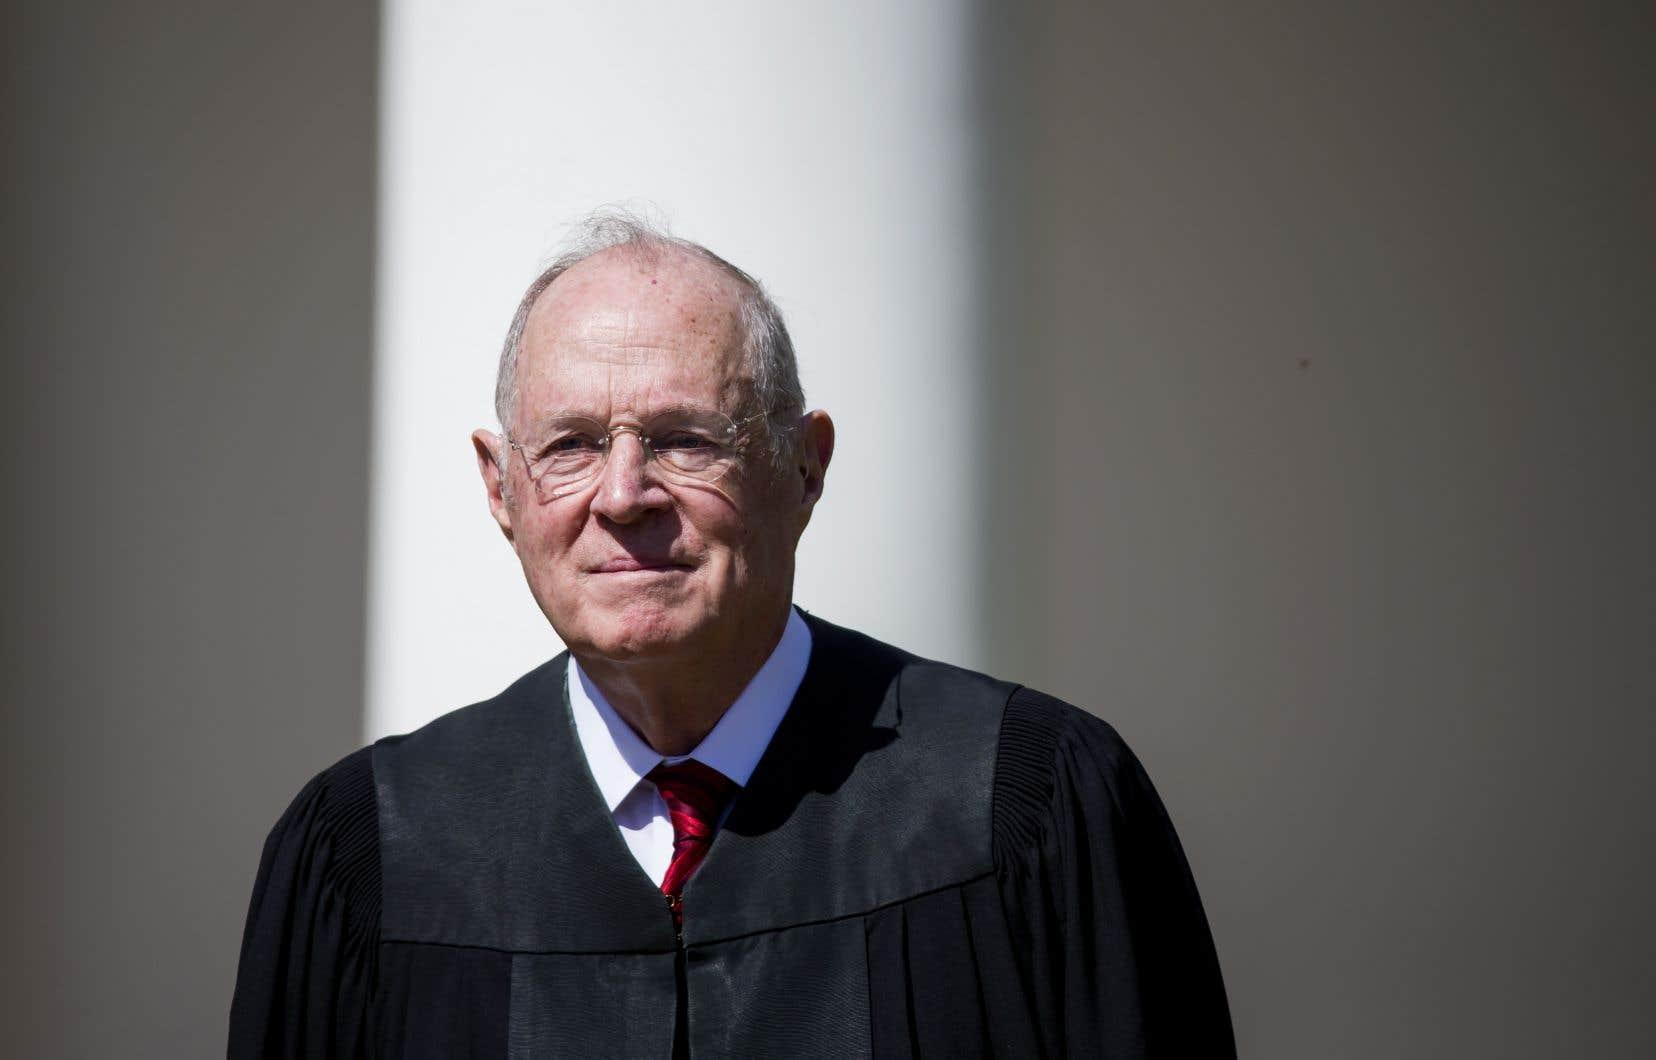 Le juge Anthony Kennedy, bien que qualifié de conservateur, ralliait les juges progressistes sur certains sujets sociétaux.